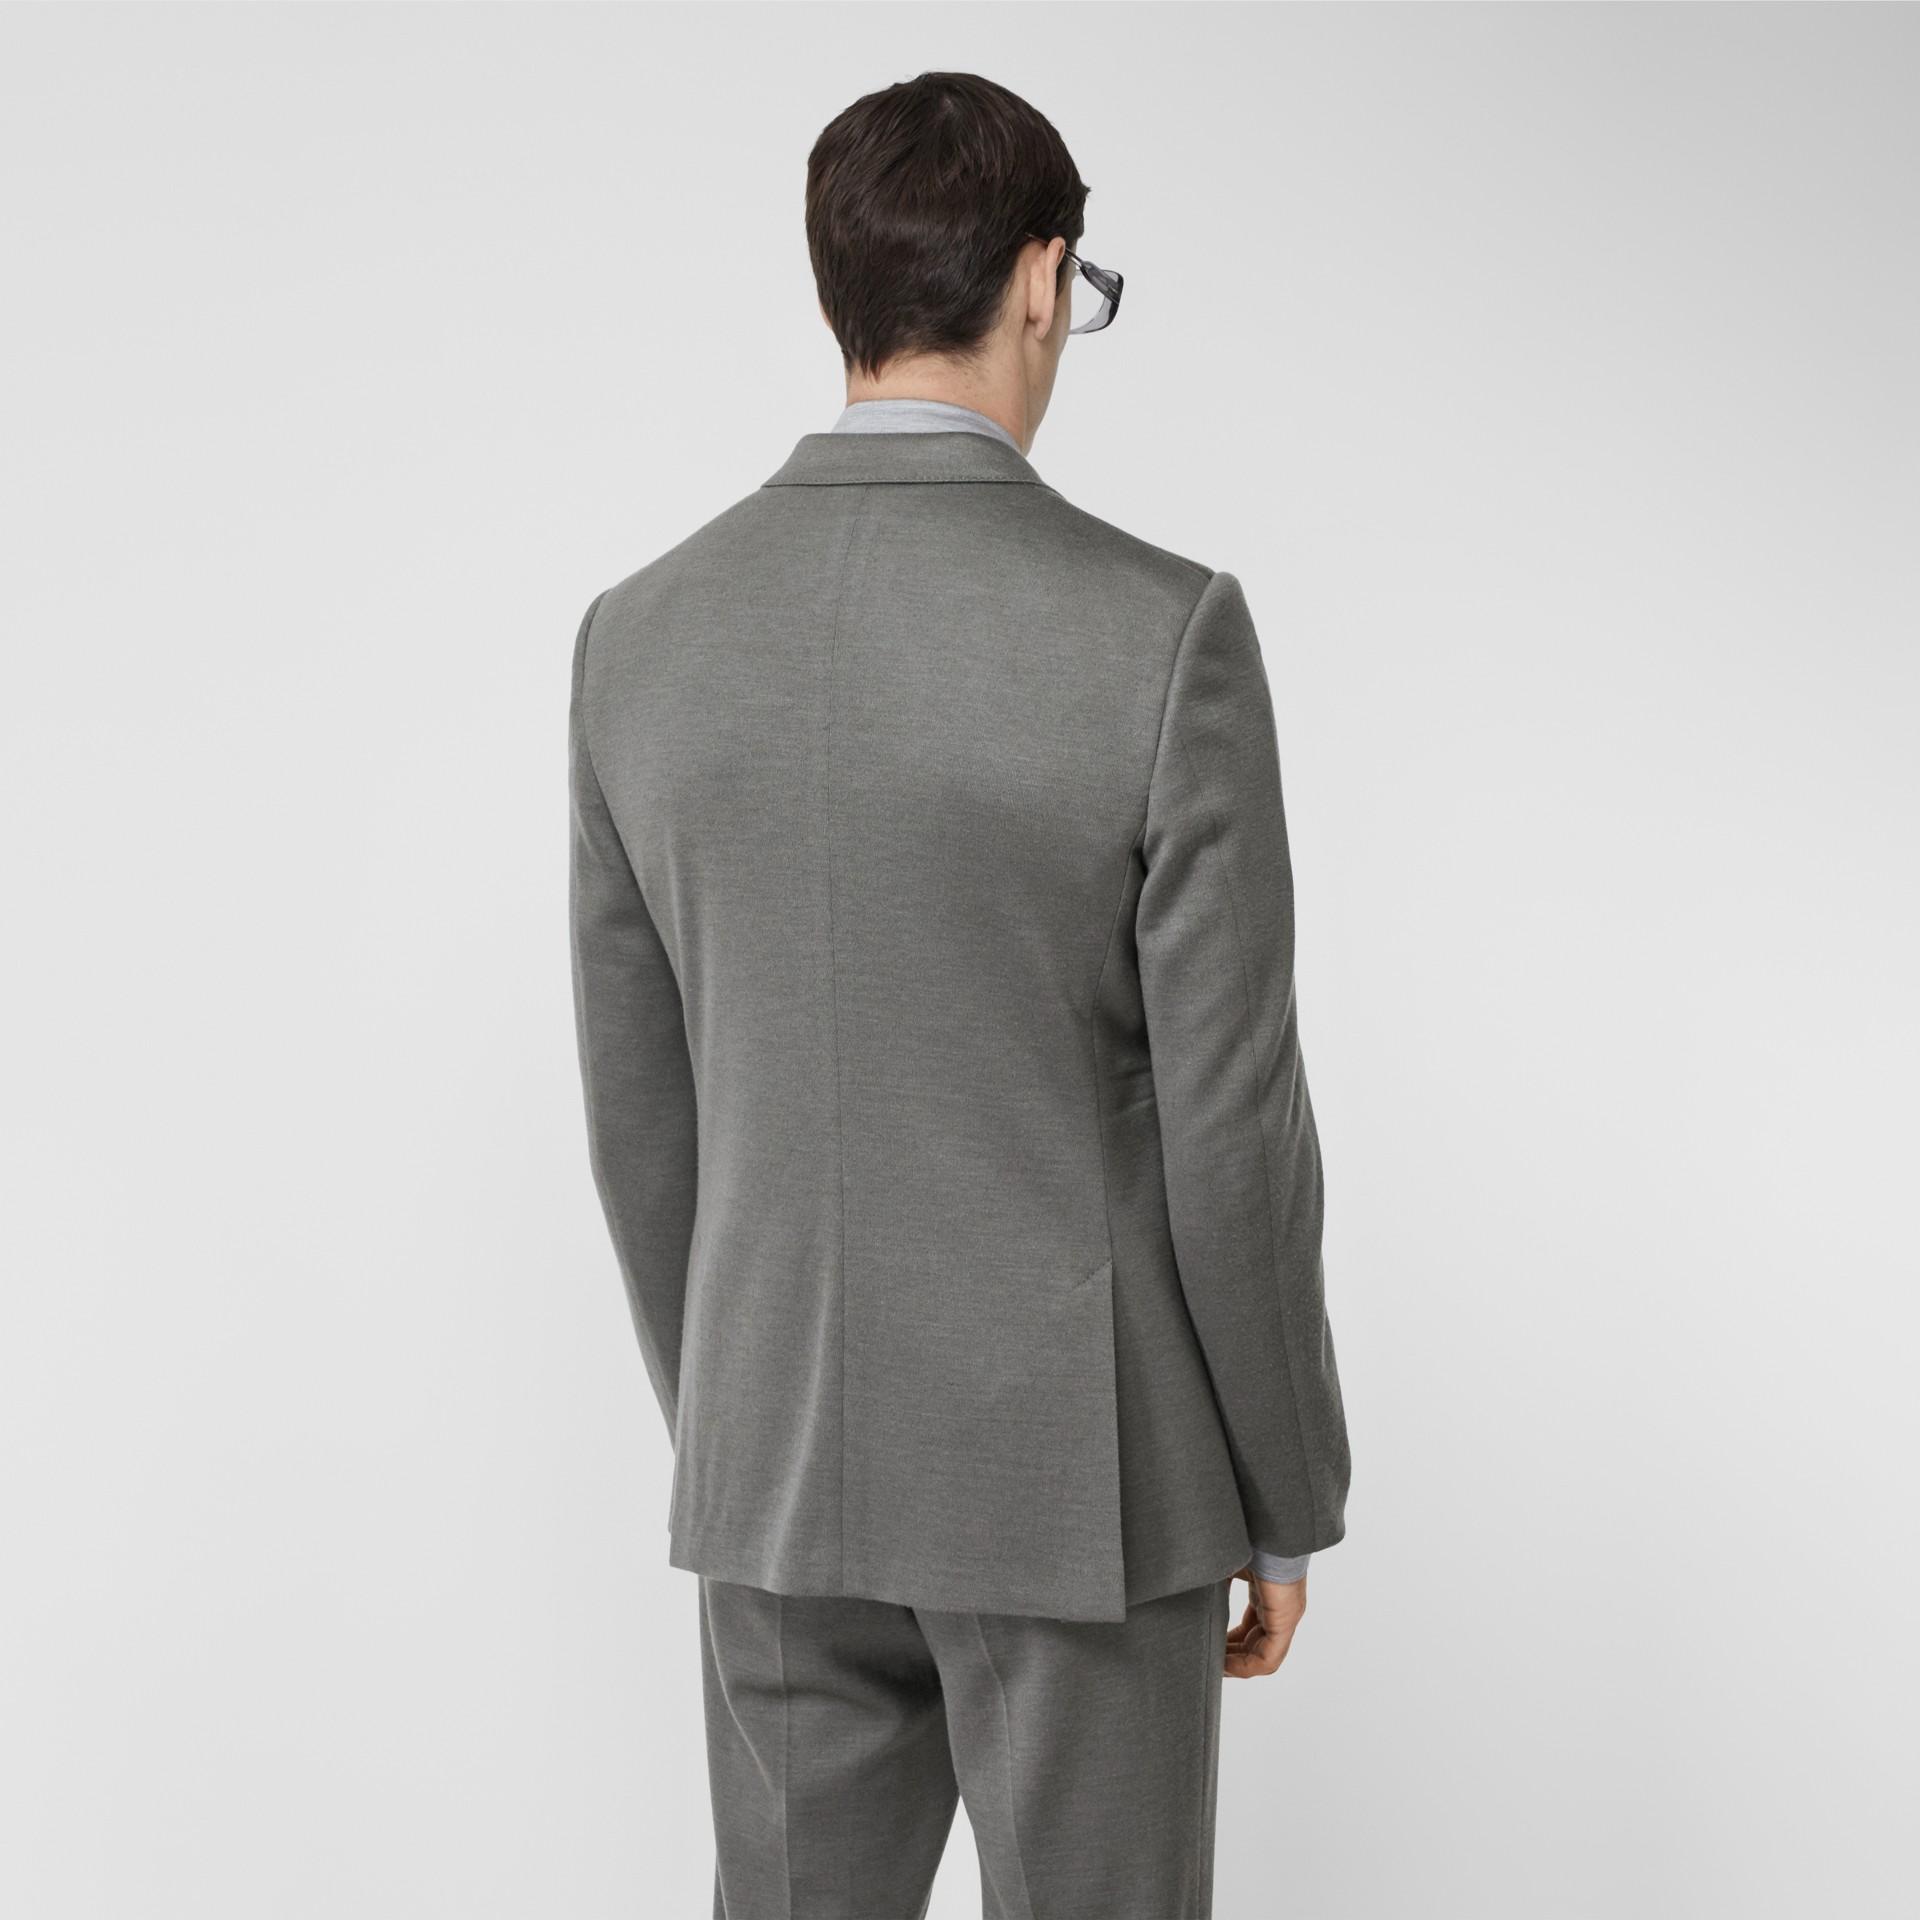 イングリッシュフィット カシミアシルクジャージー テーラードジャケット (クラウドグレー) | バーバリー - ギャラリーイメージ 2